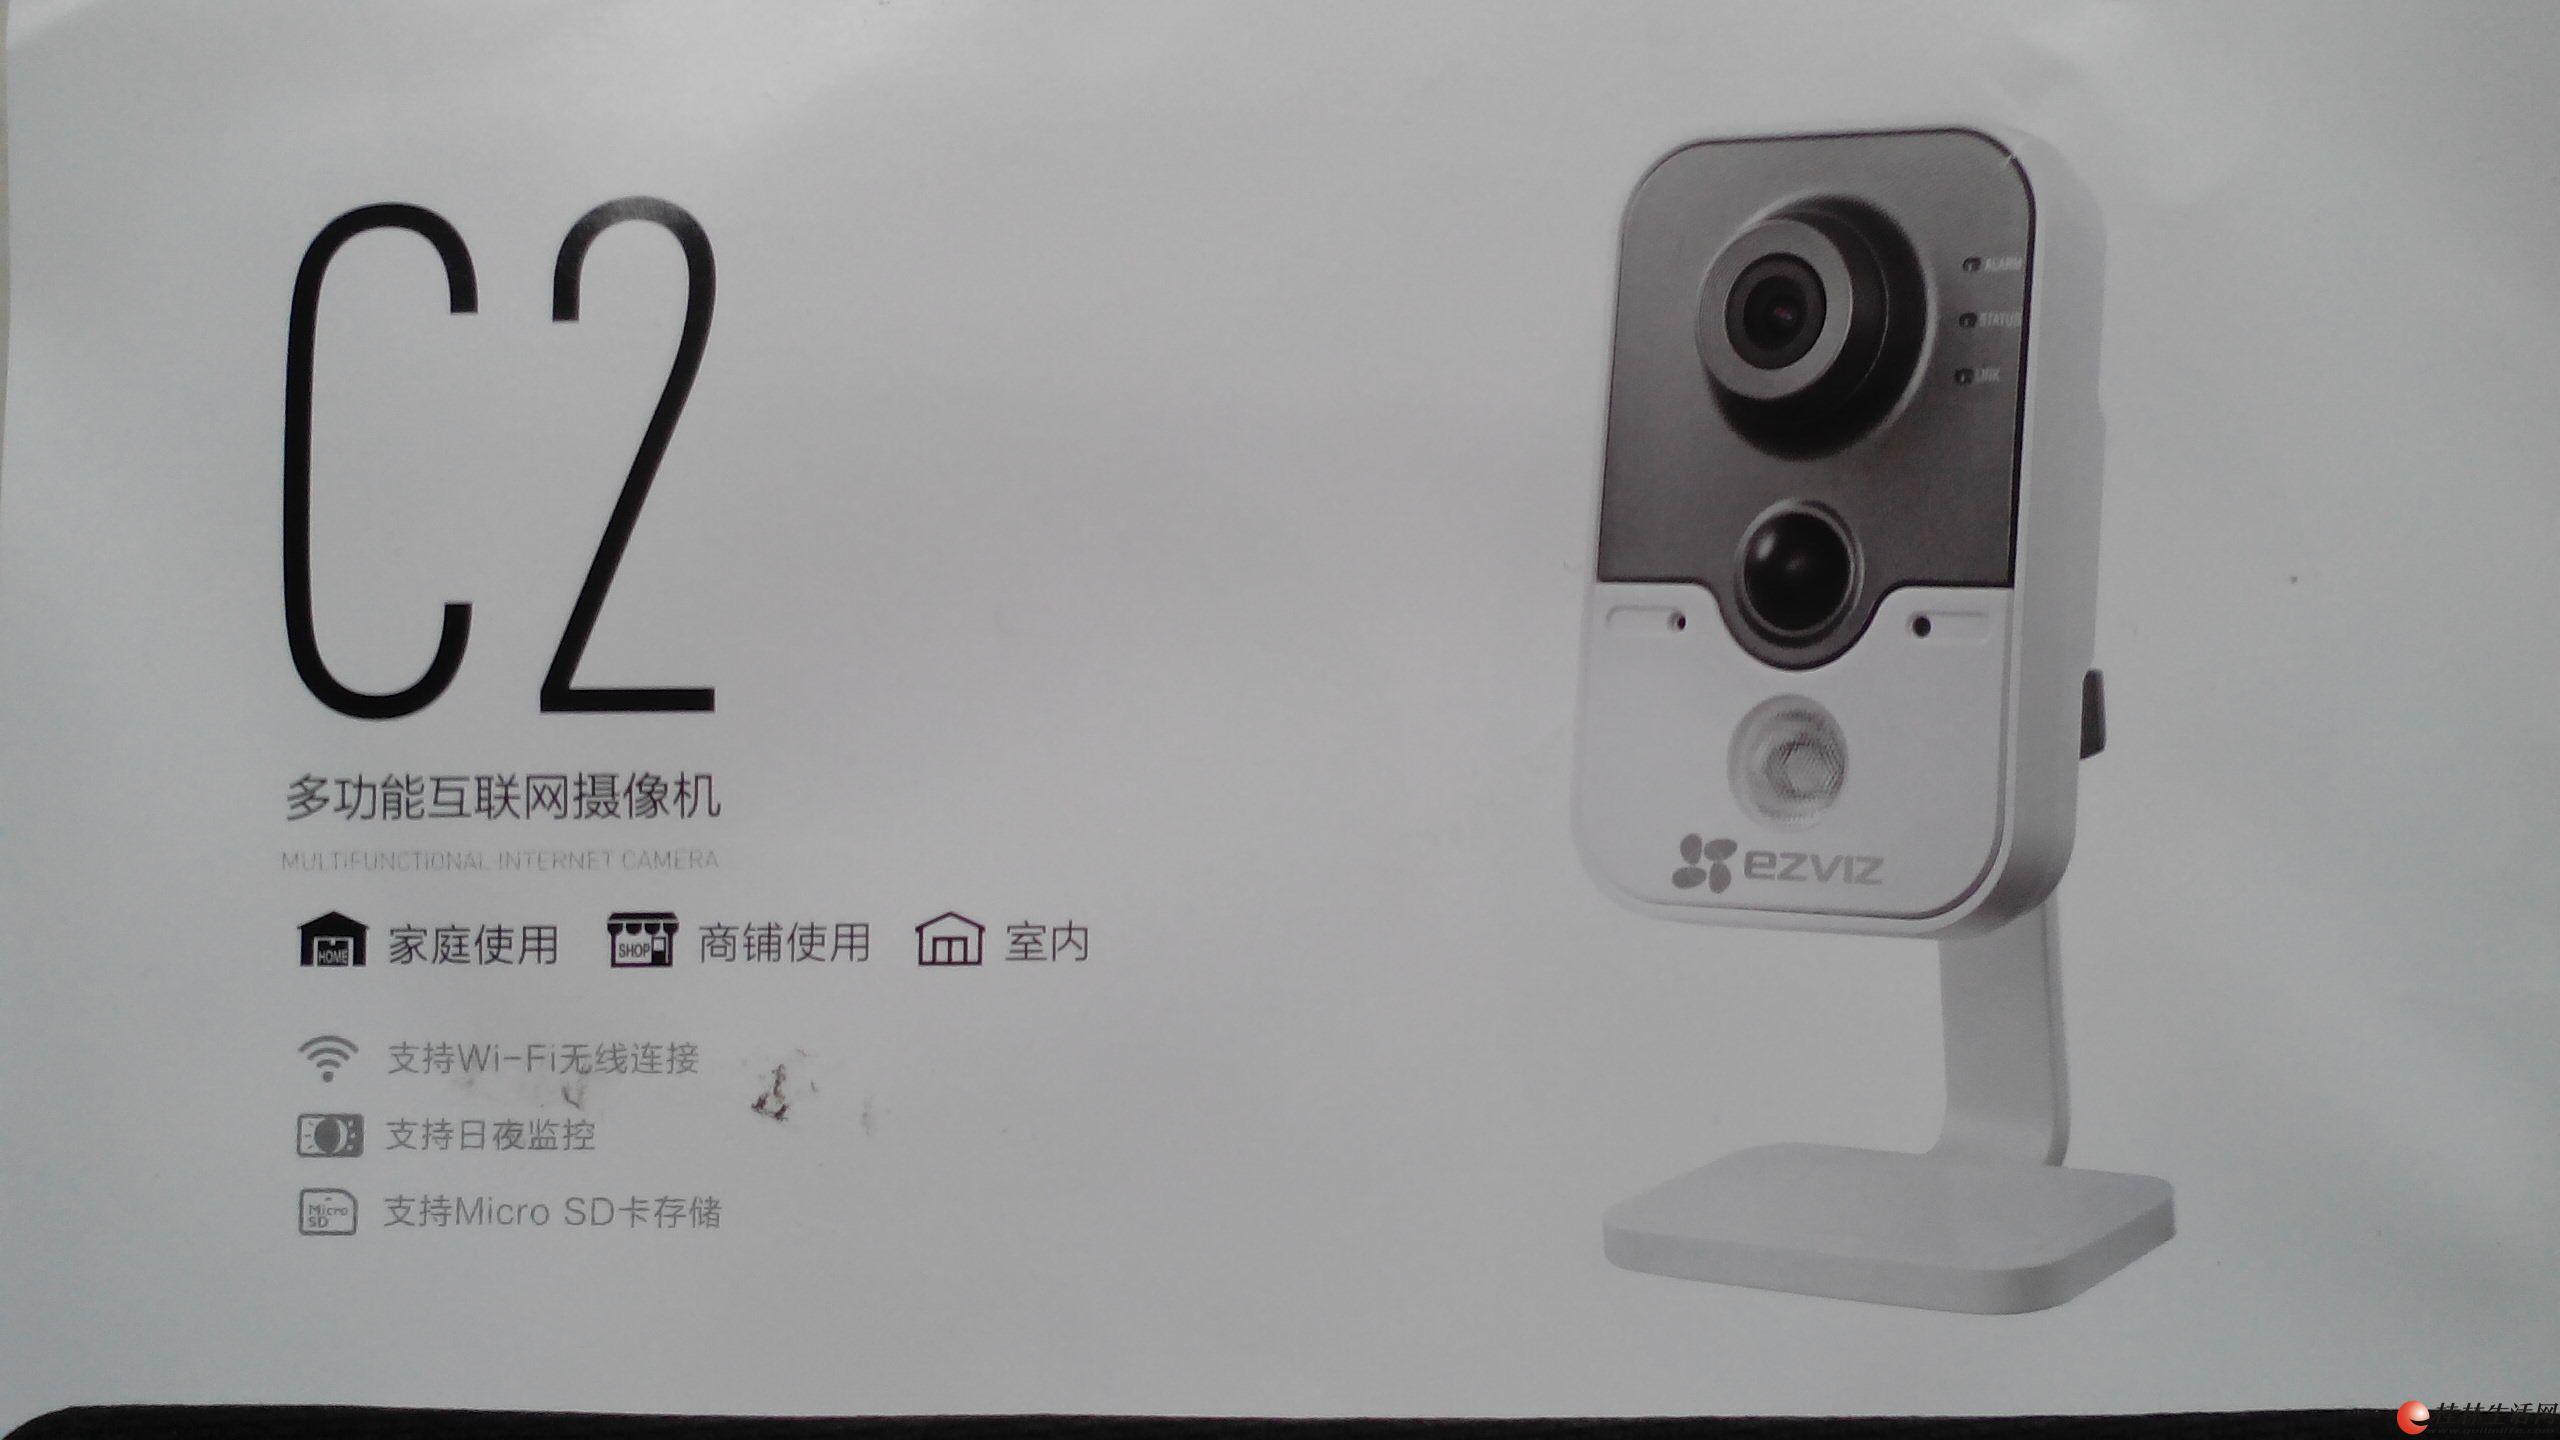 全球监控第一品牌海康多功能网络摄像机,1 720P高清图像,最高分辨率可达1280*960,是普通摄像机的3倍以上。2 支持无线wifi,家中角落随意摆放,wPS设置一键连接,简单方便。3 配备高效红外灯,使用寿命长,夜晚也能清晰可见。4 自带的麦克风和扬声器,支持语言对讲。 联系我时,请说是在桂林生活网看到的,谢谢!